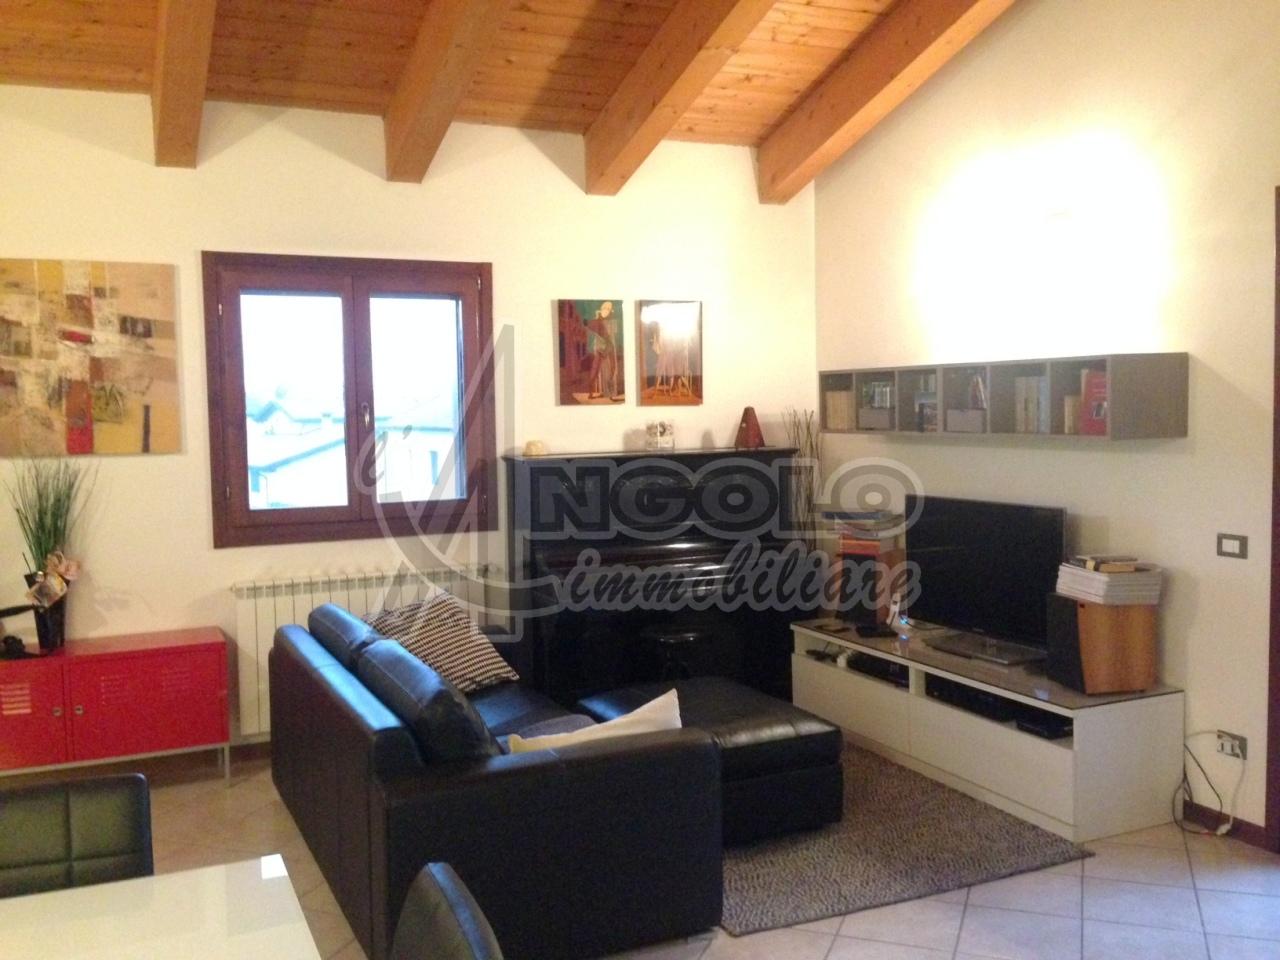 Attico / Mansarda in affitto a Occhiobello, 4 locali, prezzo € 450 | Cambio Casa.it